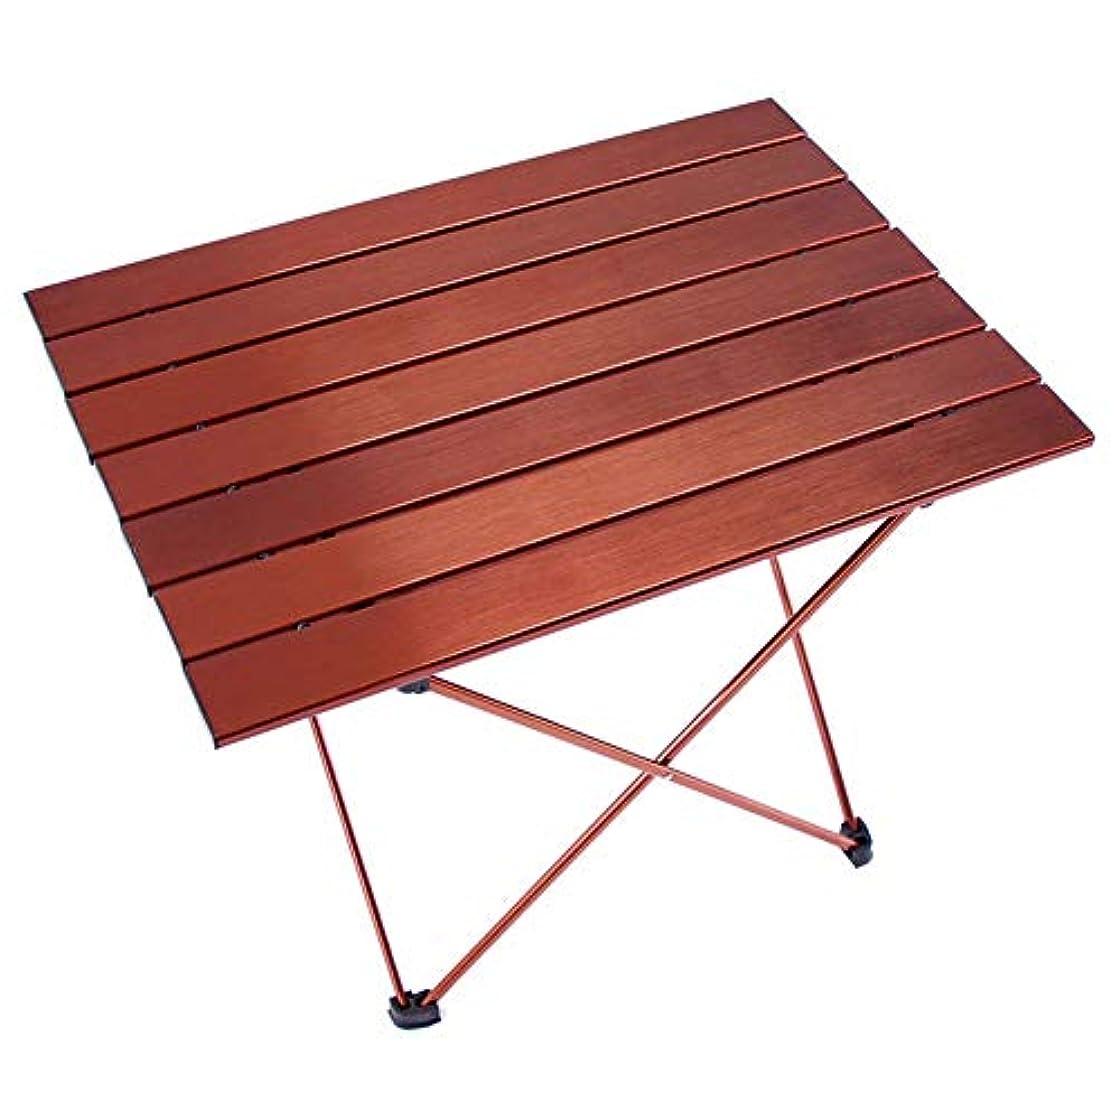 魅力的軍団少ない屋外折りたたみテーブル、アルミ合金多人数ポータブルキャンプテーブル多機能旅行バーベキューテーブル (サイズ さいず : 56.5×45.5×40.5cm)